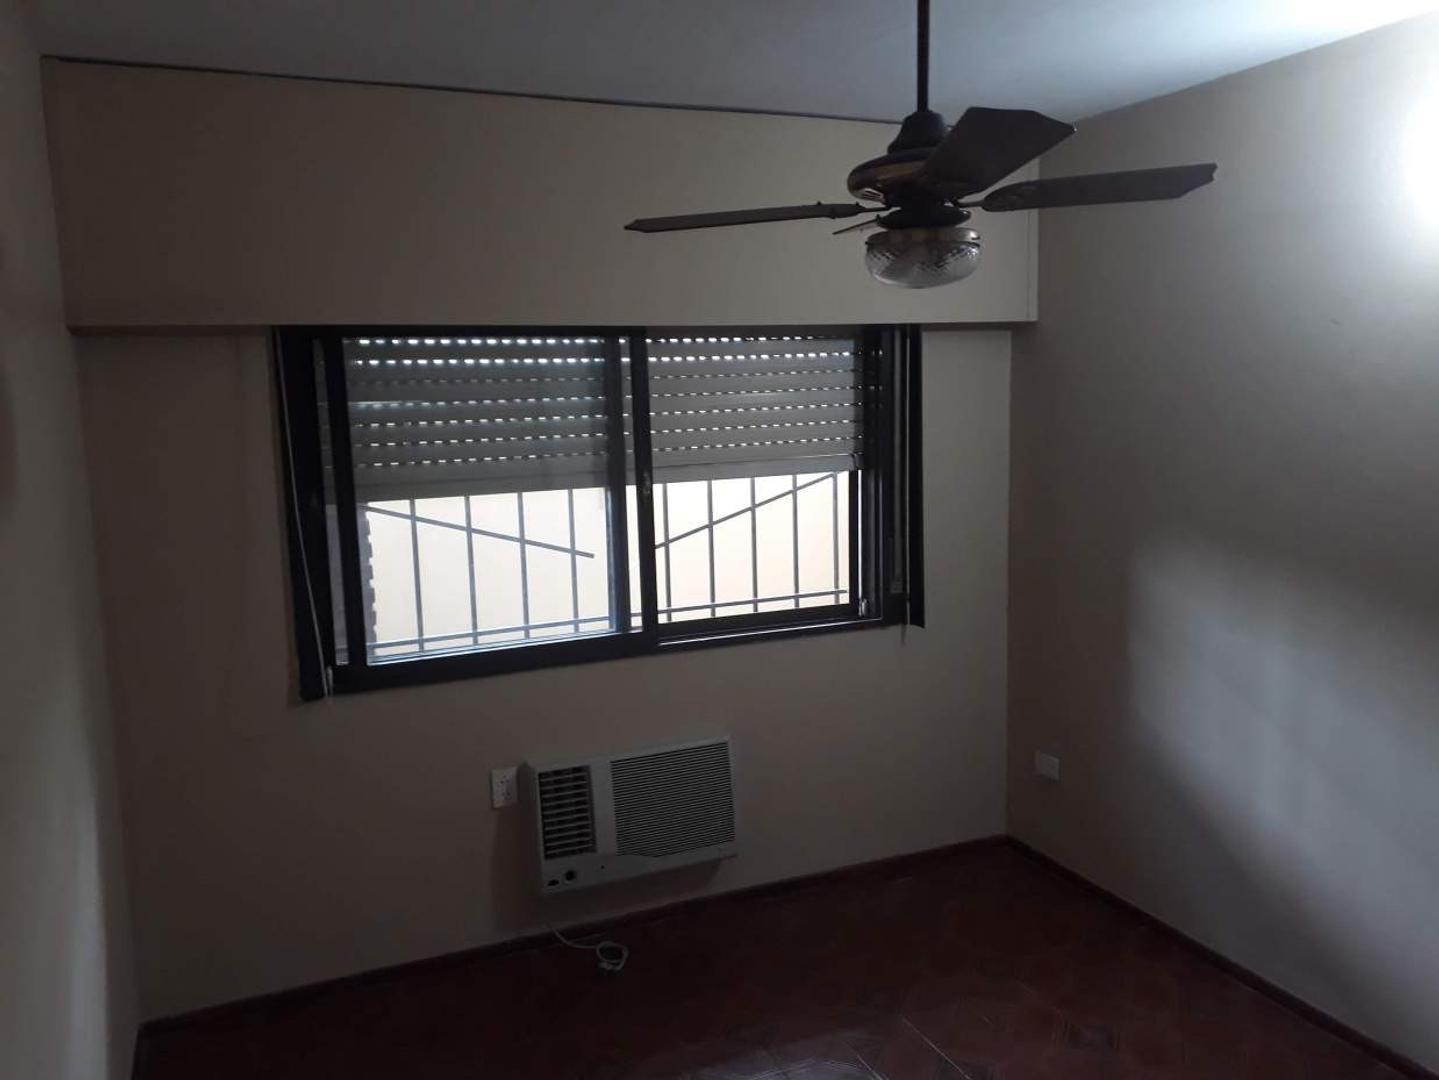 Casa de 2 dormitorios con Patio Santa Fe al 5300 - Foto 15